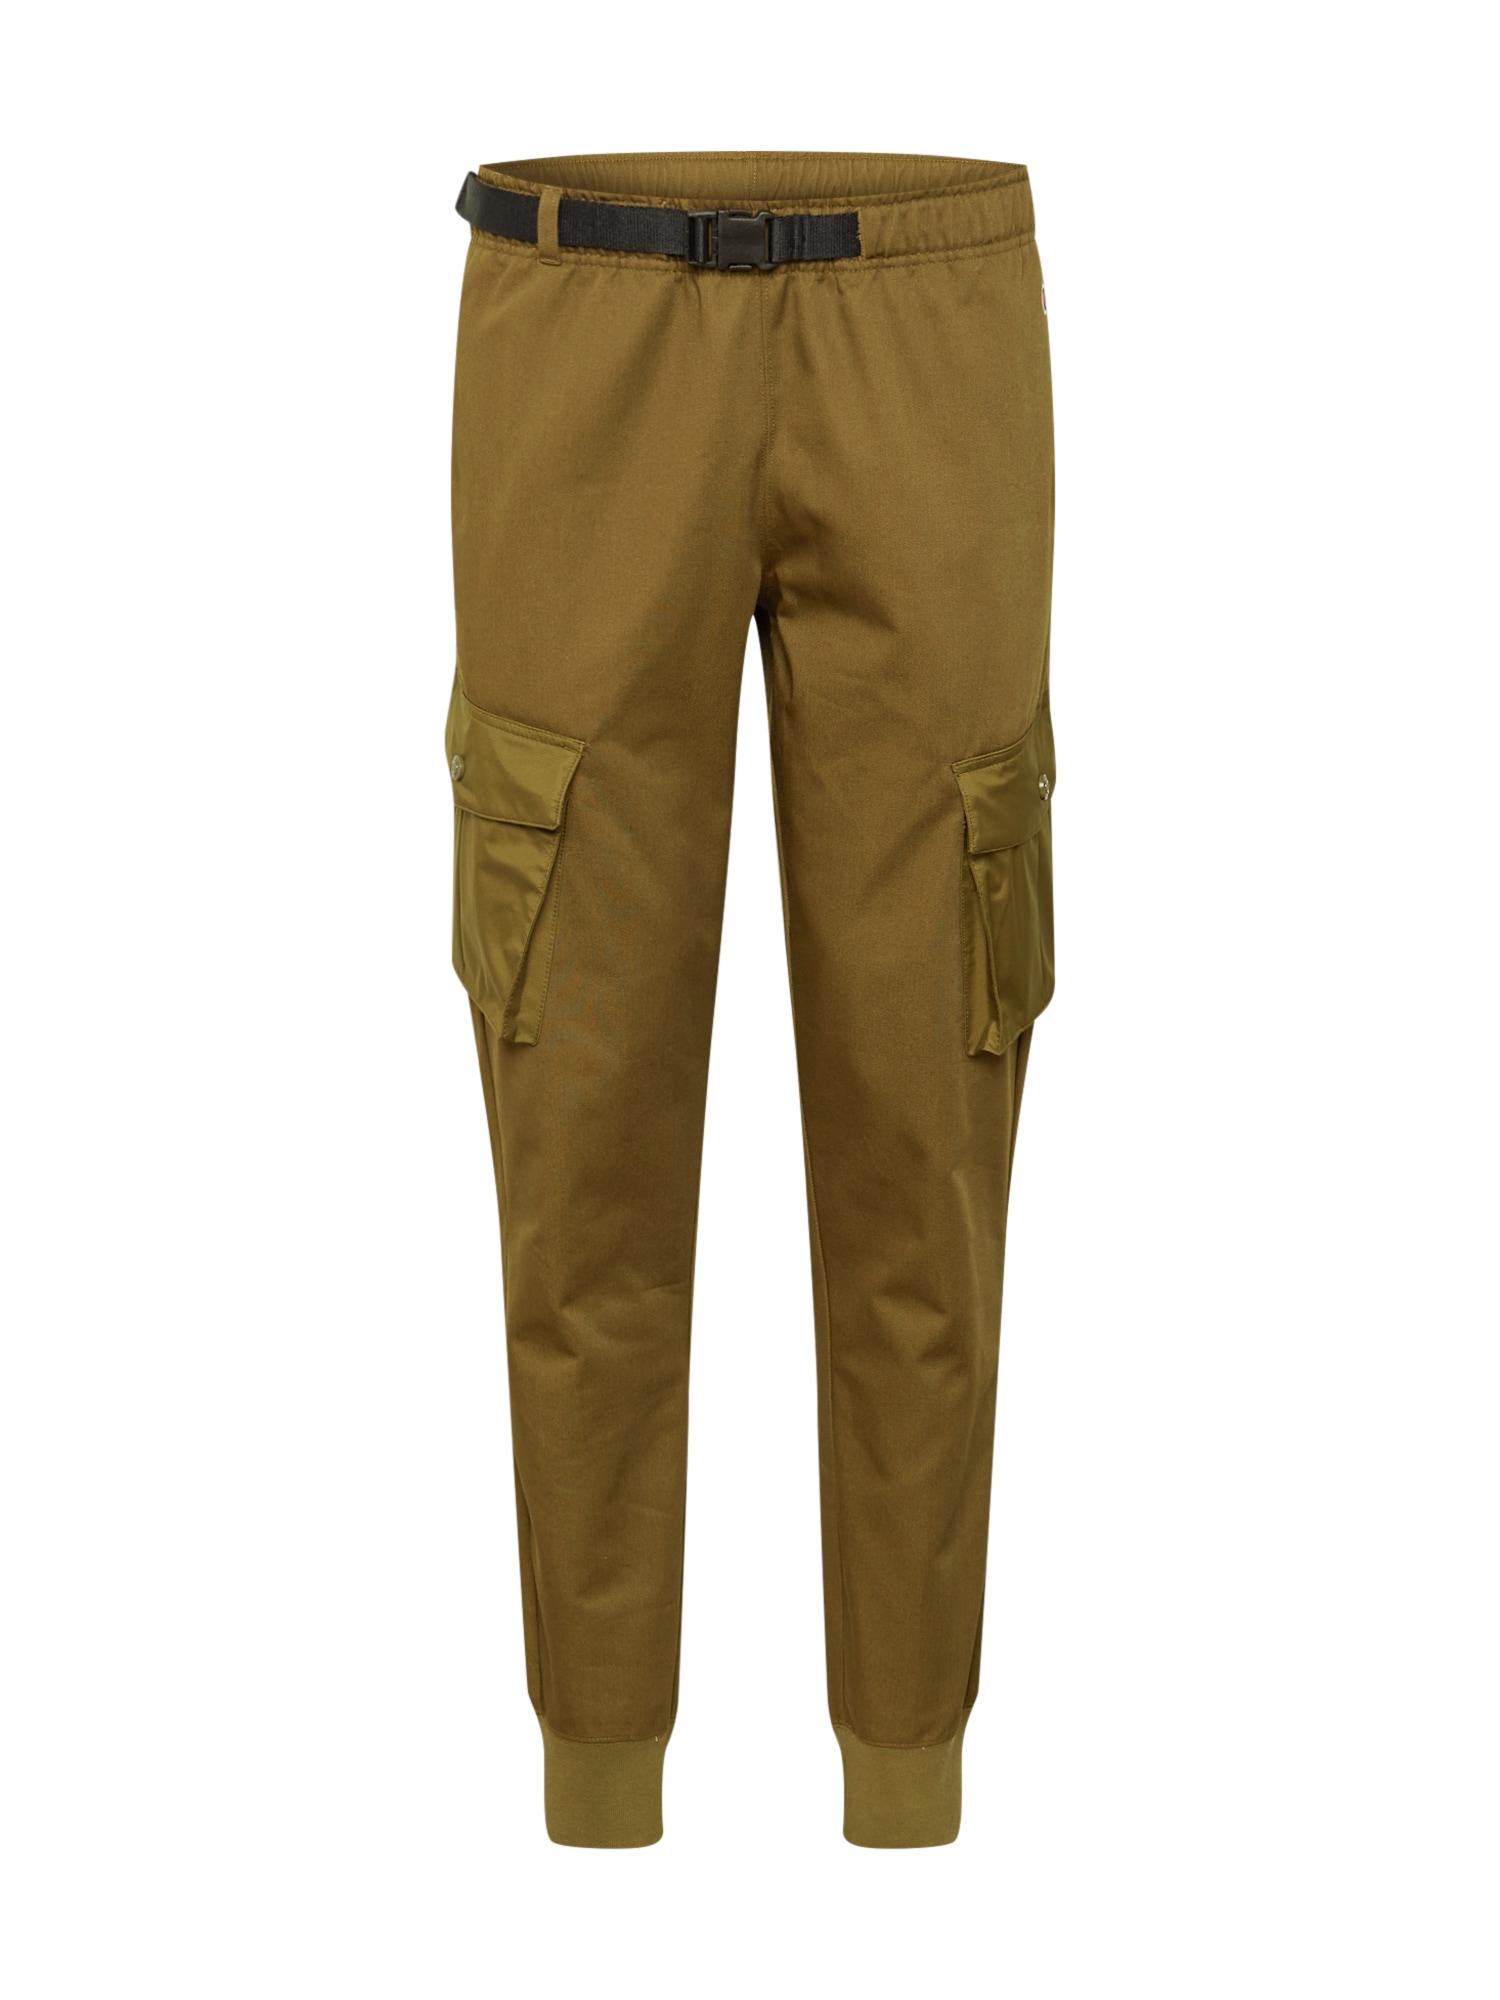 Champion Authentic Athletic Apparel Laisvo stiliaus kelnės alyvuogių spalva